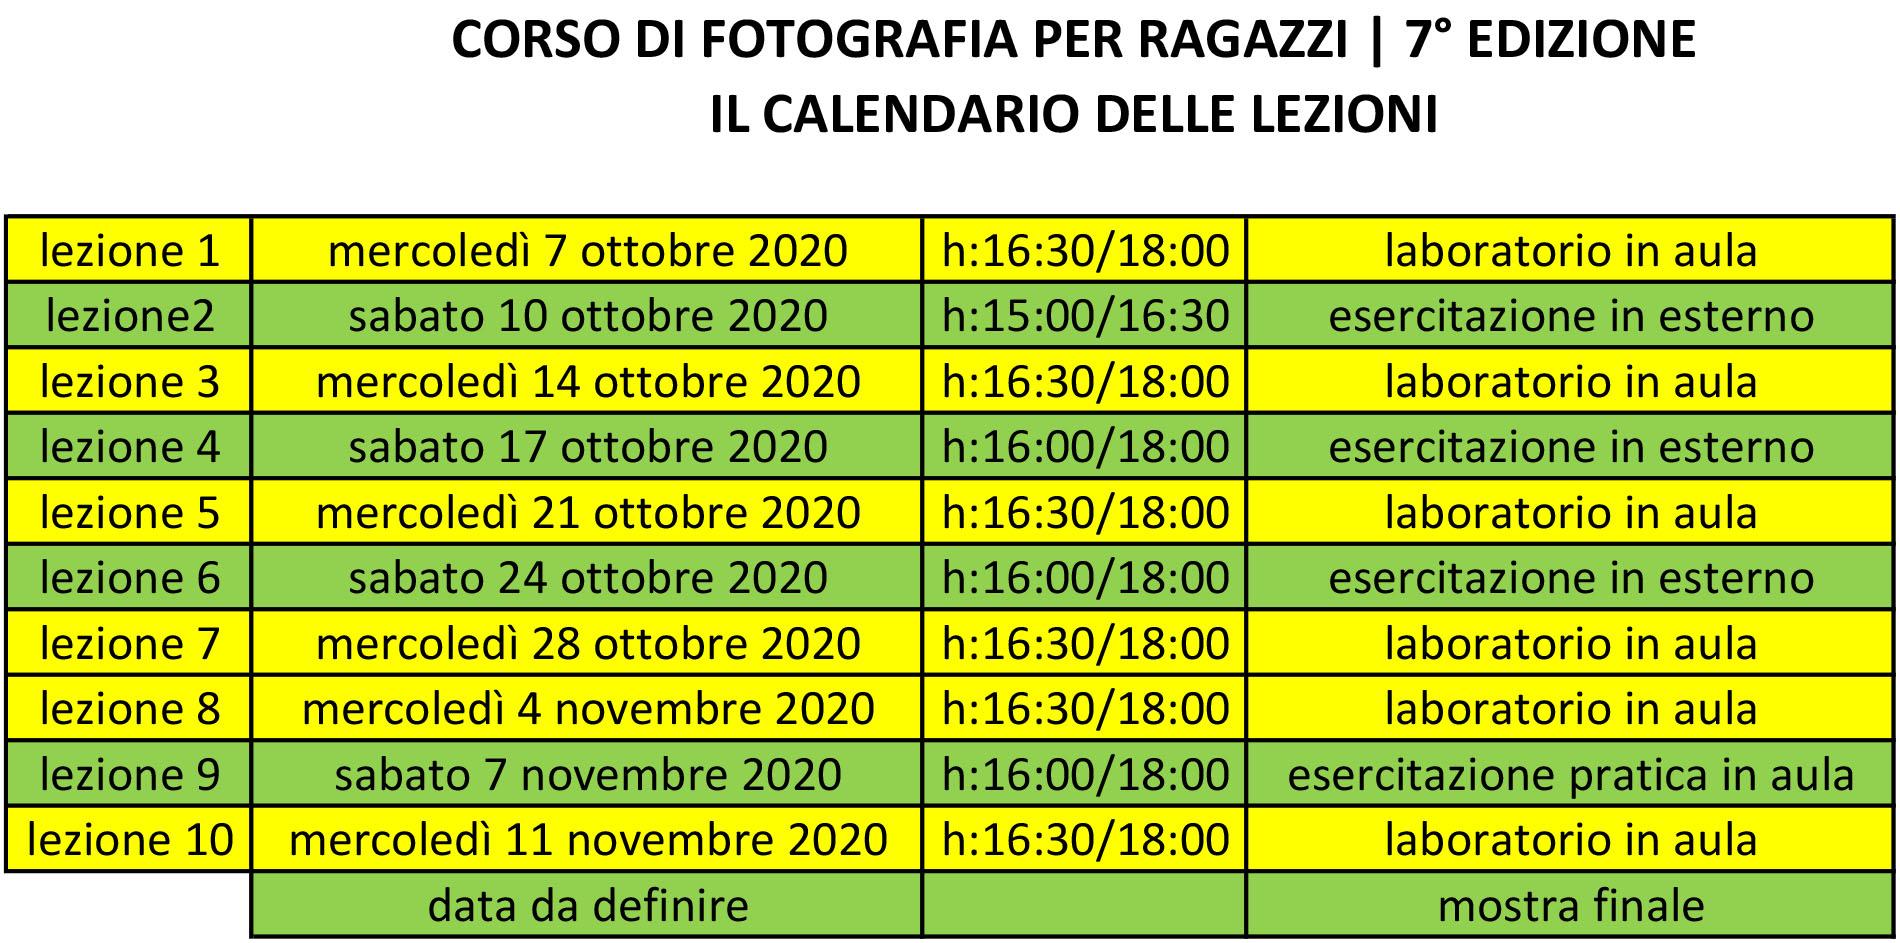 Corso di fotografia per ragazzi - il calendario con le lezioni